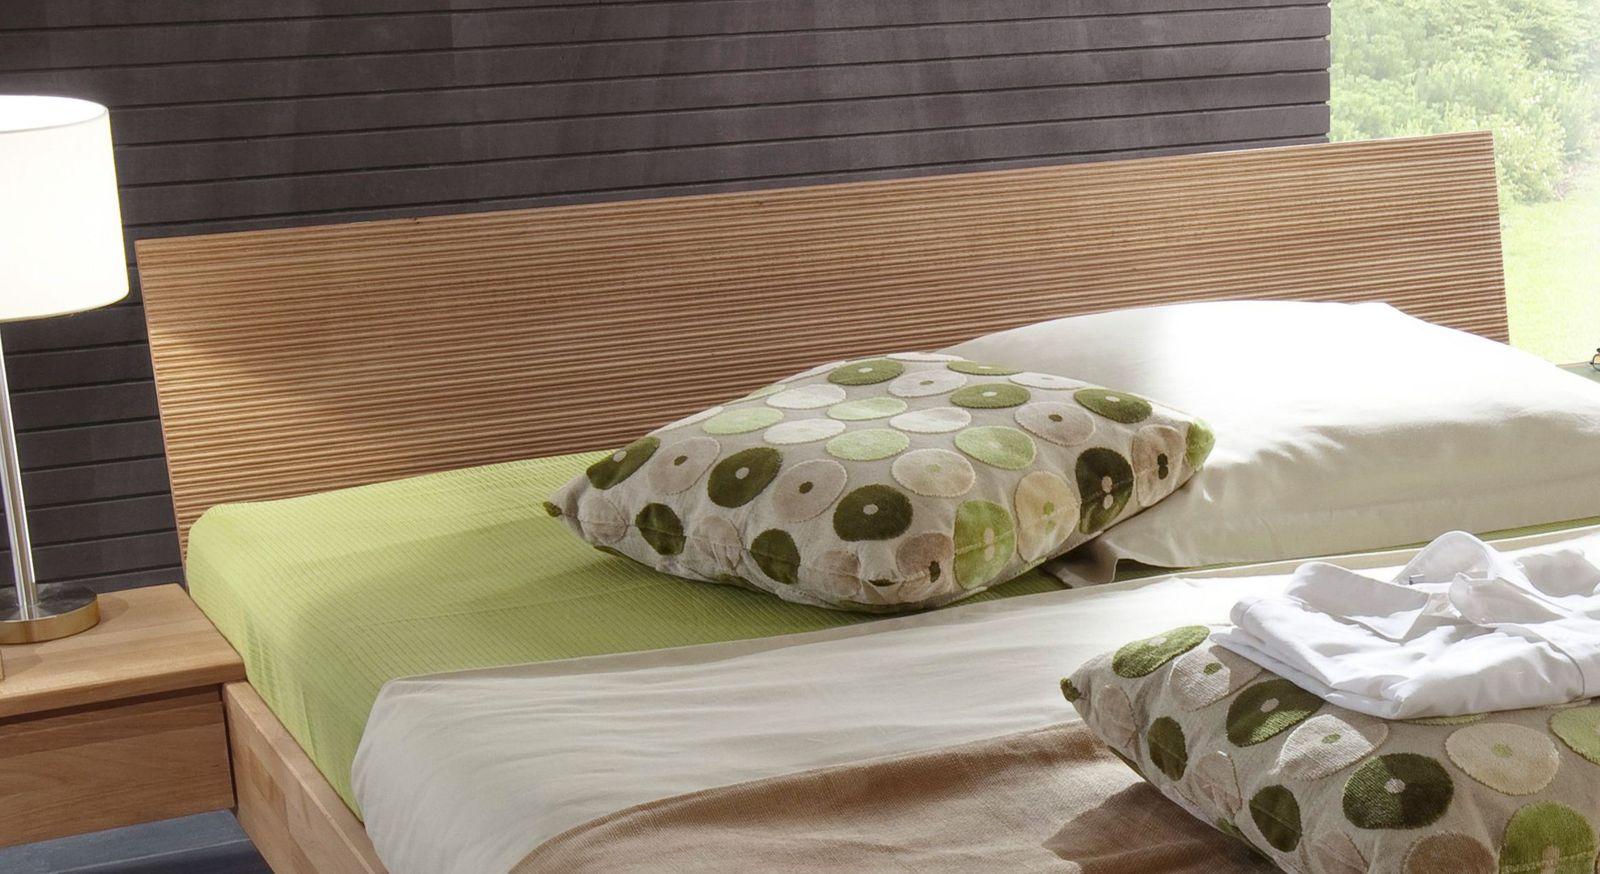 Bett Tacoma inklusive Kopfteil mit eingefrästen Rillen